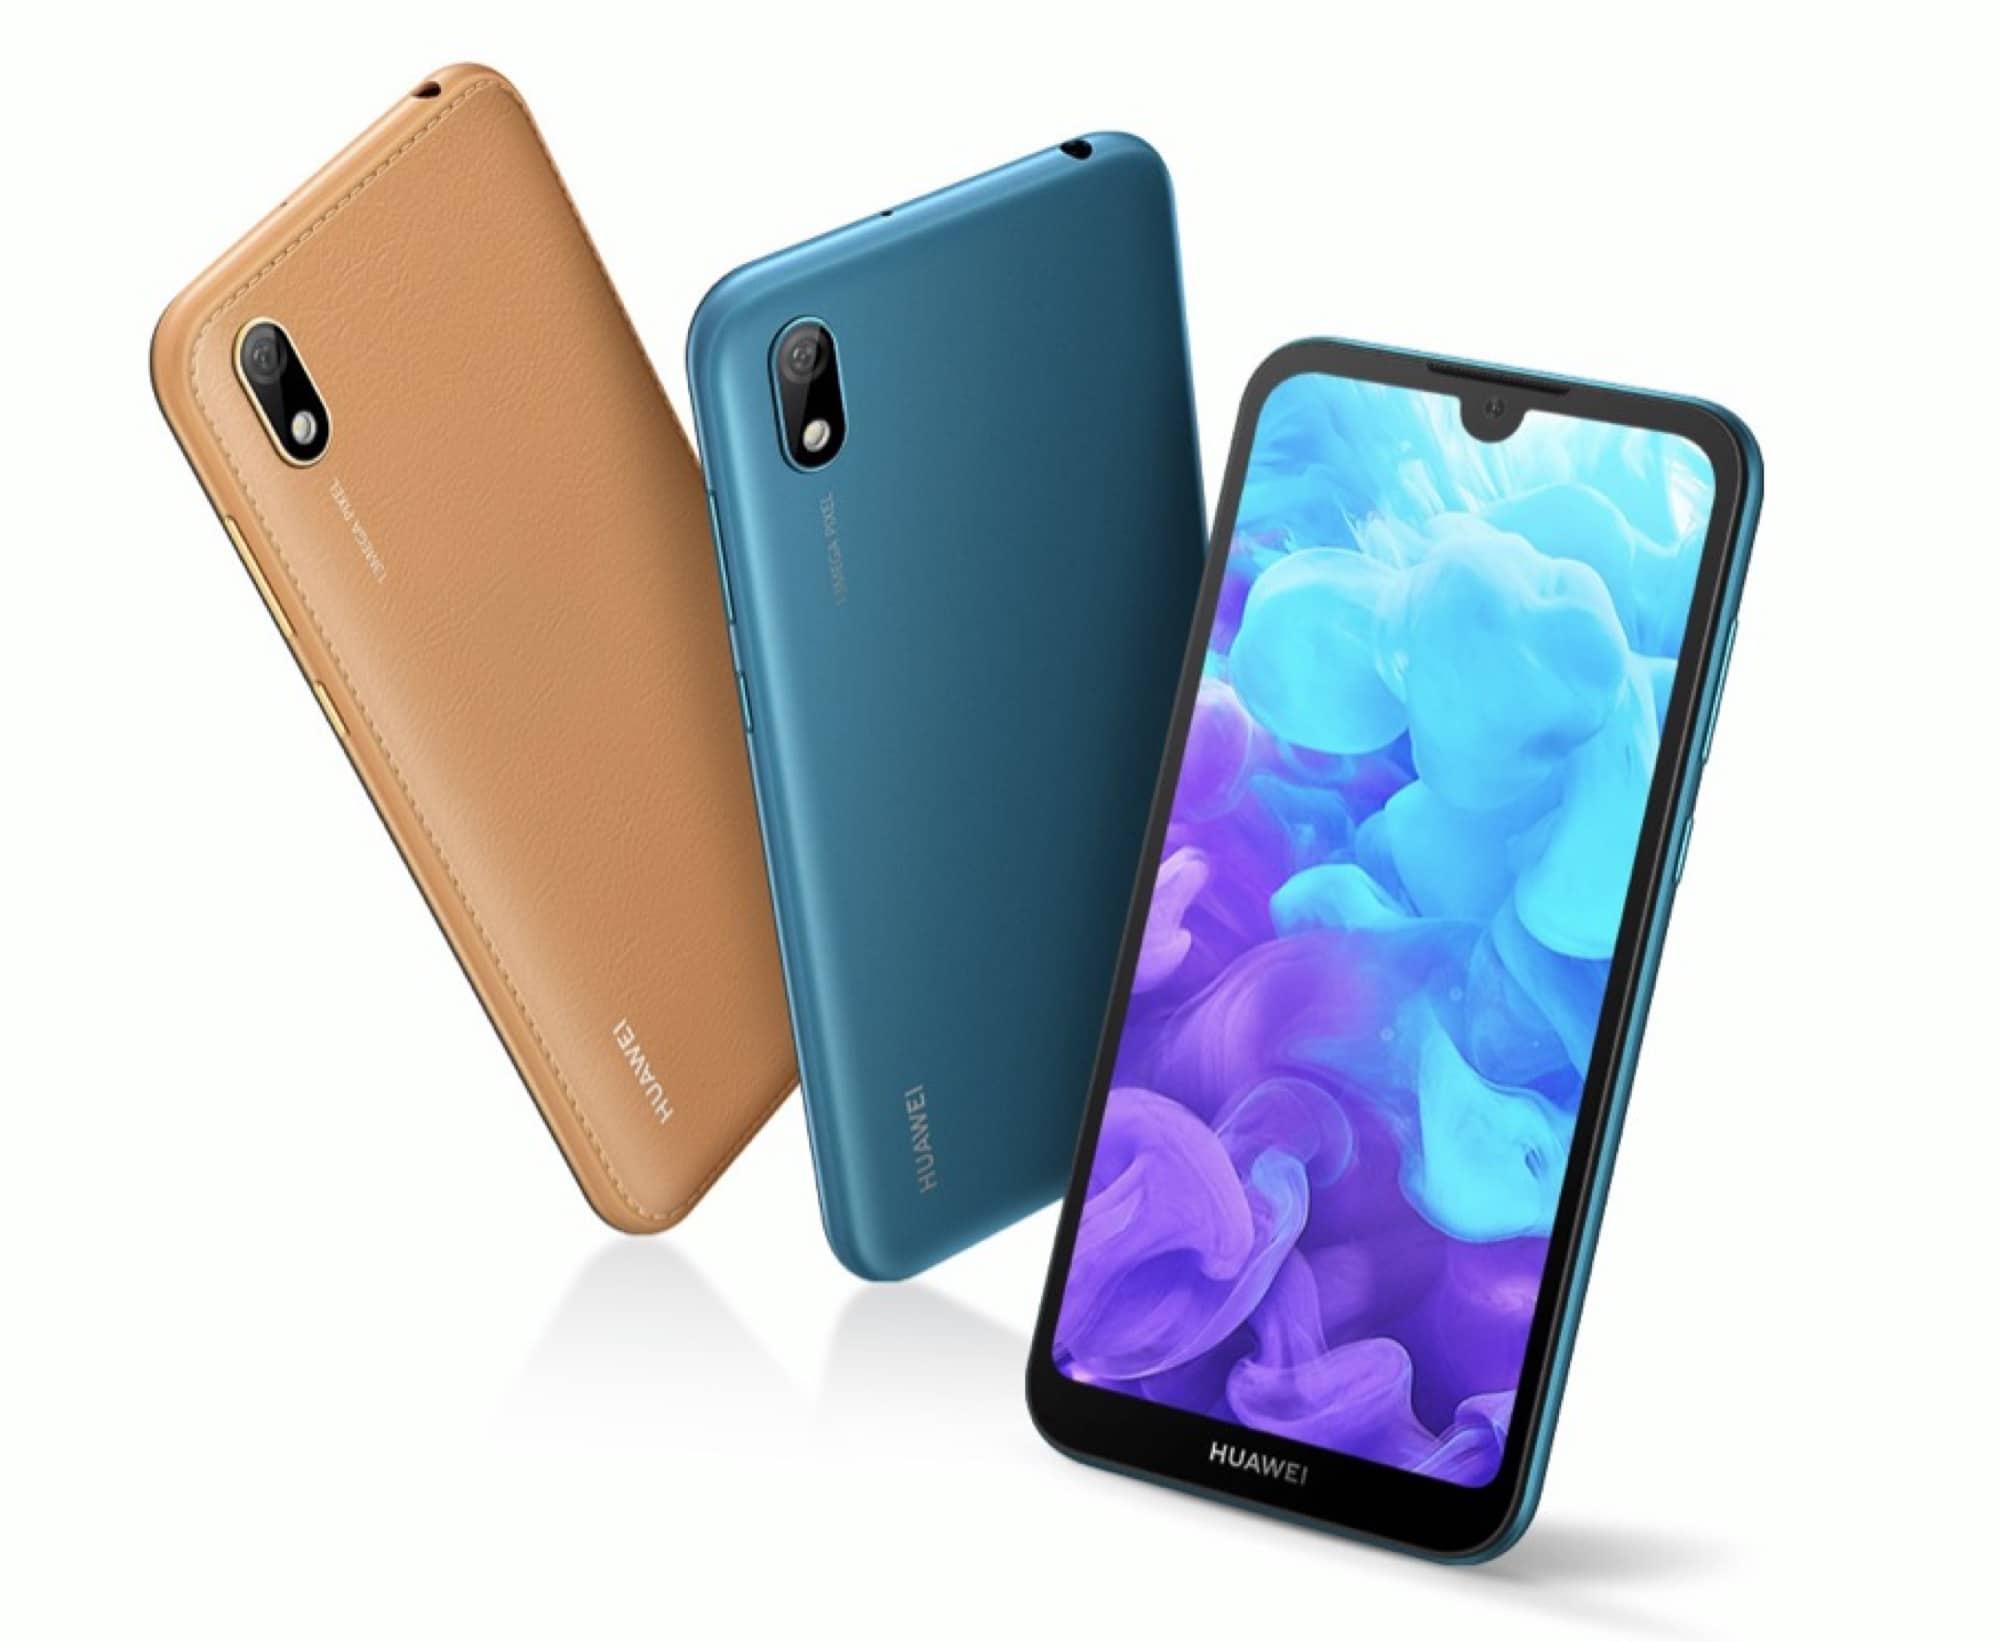 รีวิว HUAWEI Y5 2019 สมาร์ทโฟนราคาเบาๆ 3,799 บาท 4